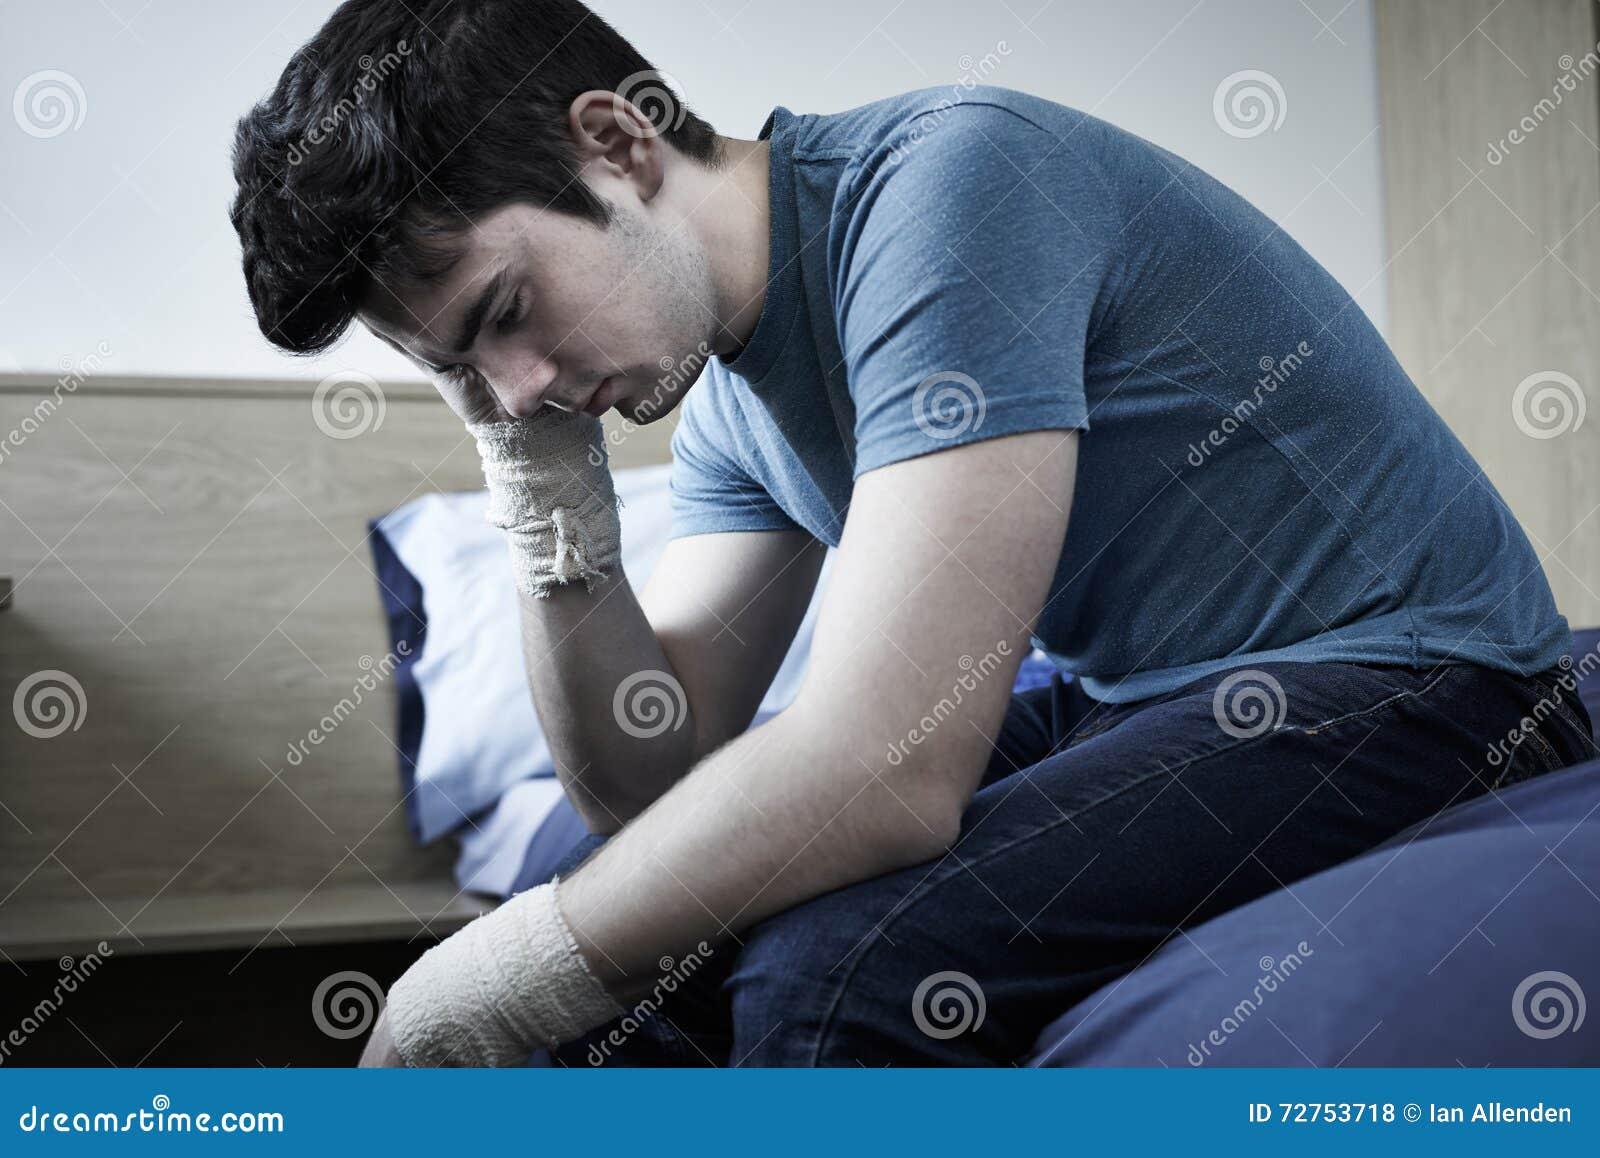 Gedeprimeerde Jonge Mens met Verbonden Polsen na Zelfmoordpoging